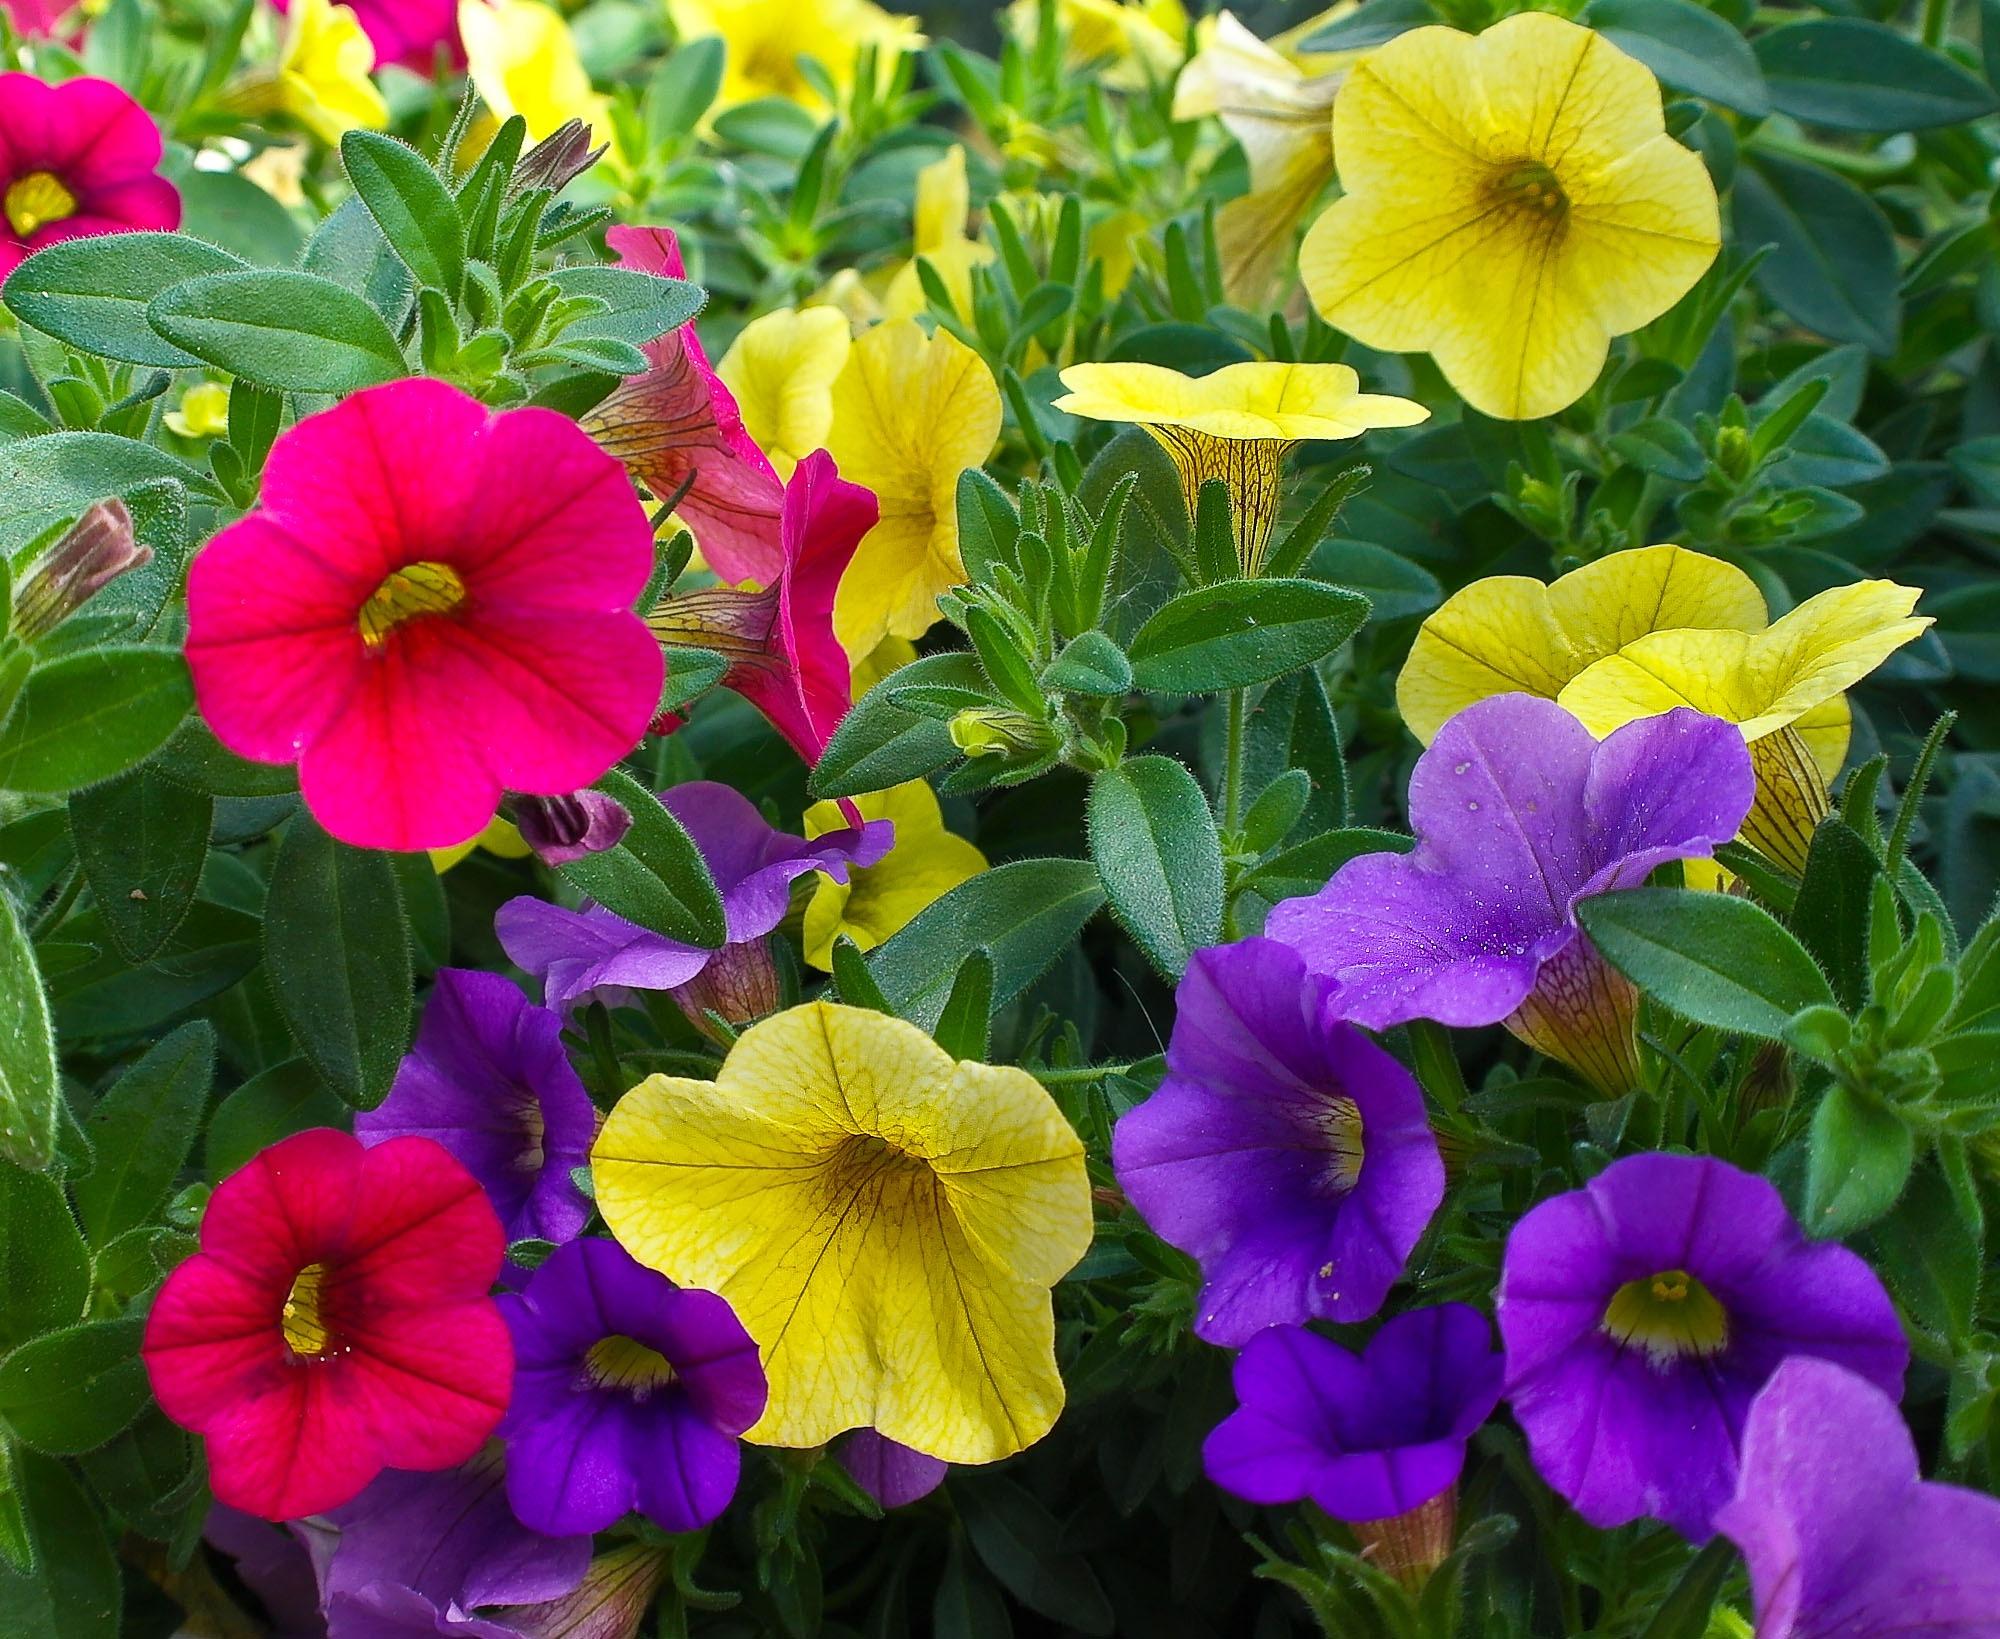 Images gratuites la nature fleur p tale floraison printemps rouge flore fleur sauvage - Image fleur violette gratuite ...